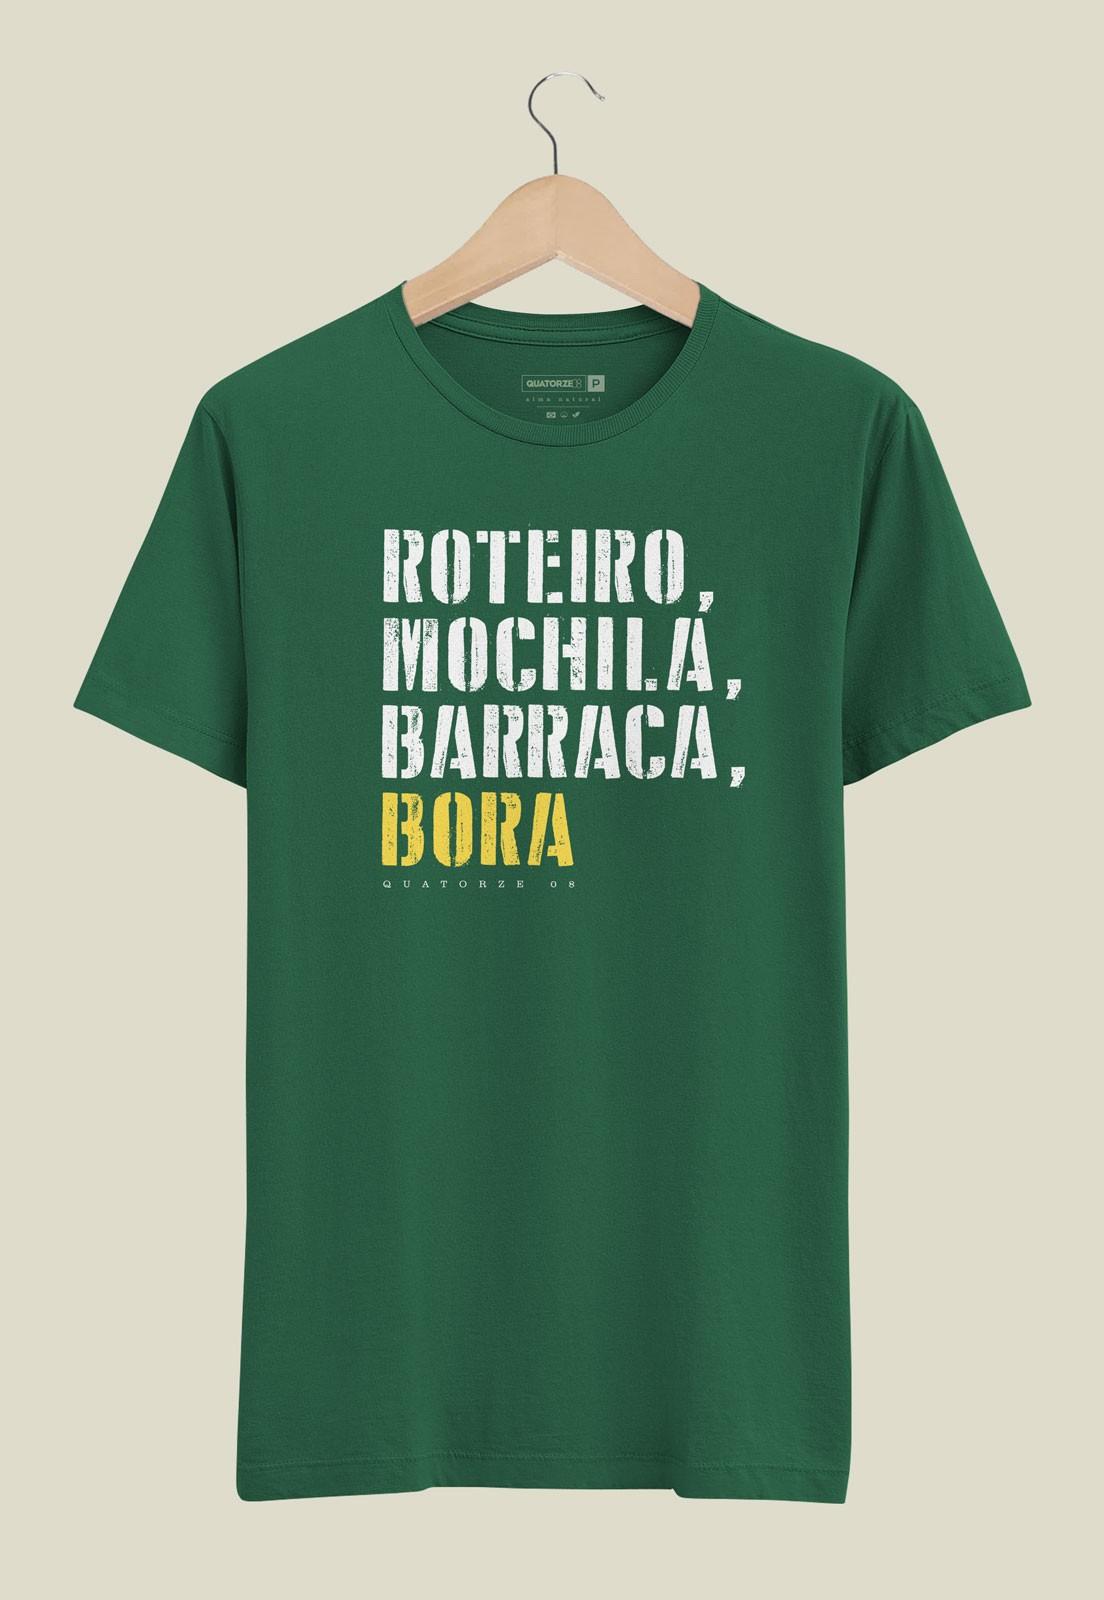 Camiseta Barraca e Bora Verde Escuro